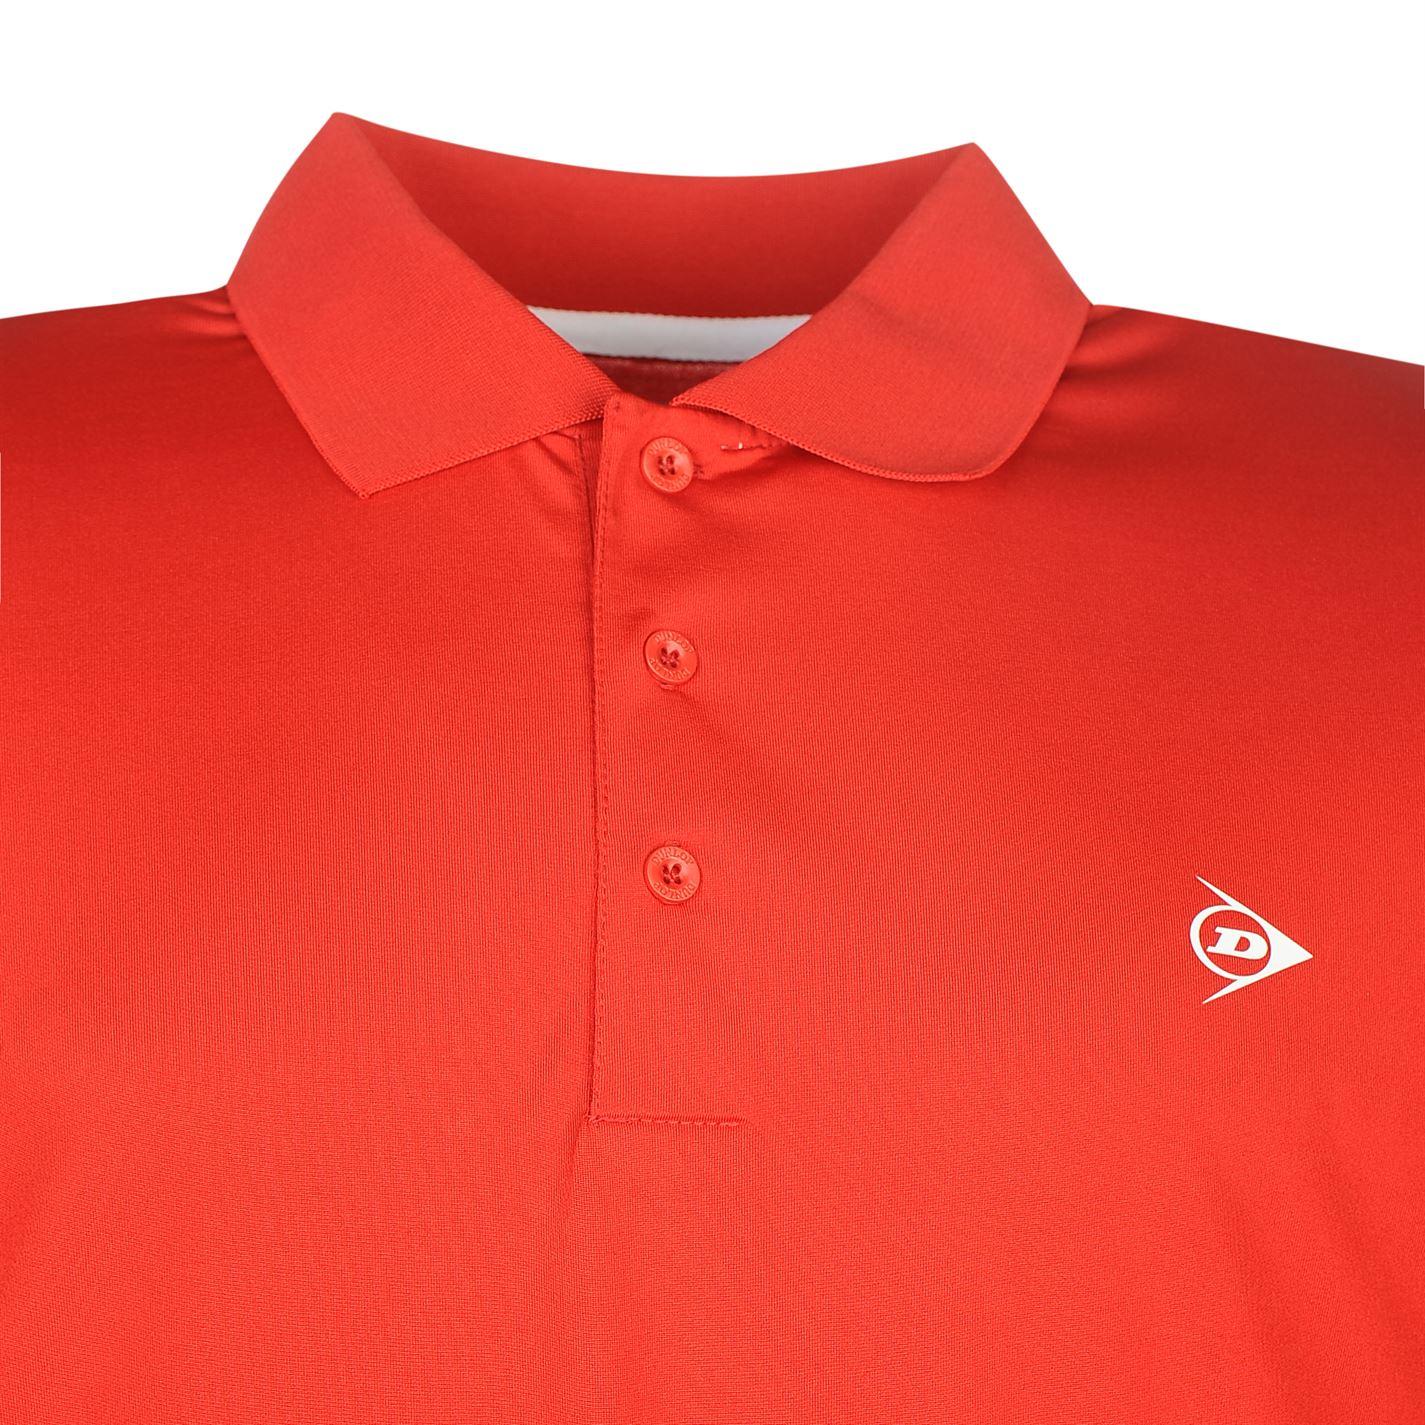 Camiseta de golf Dunlop Rojo Solar doblada